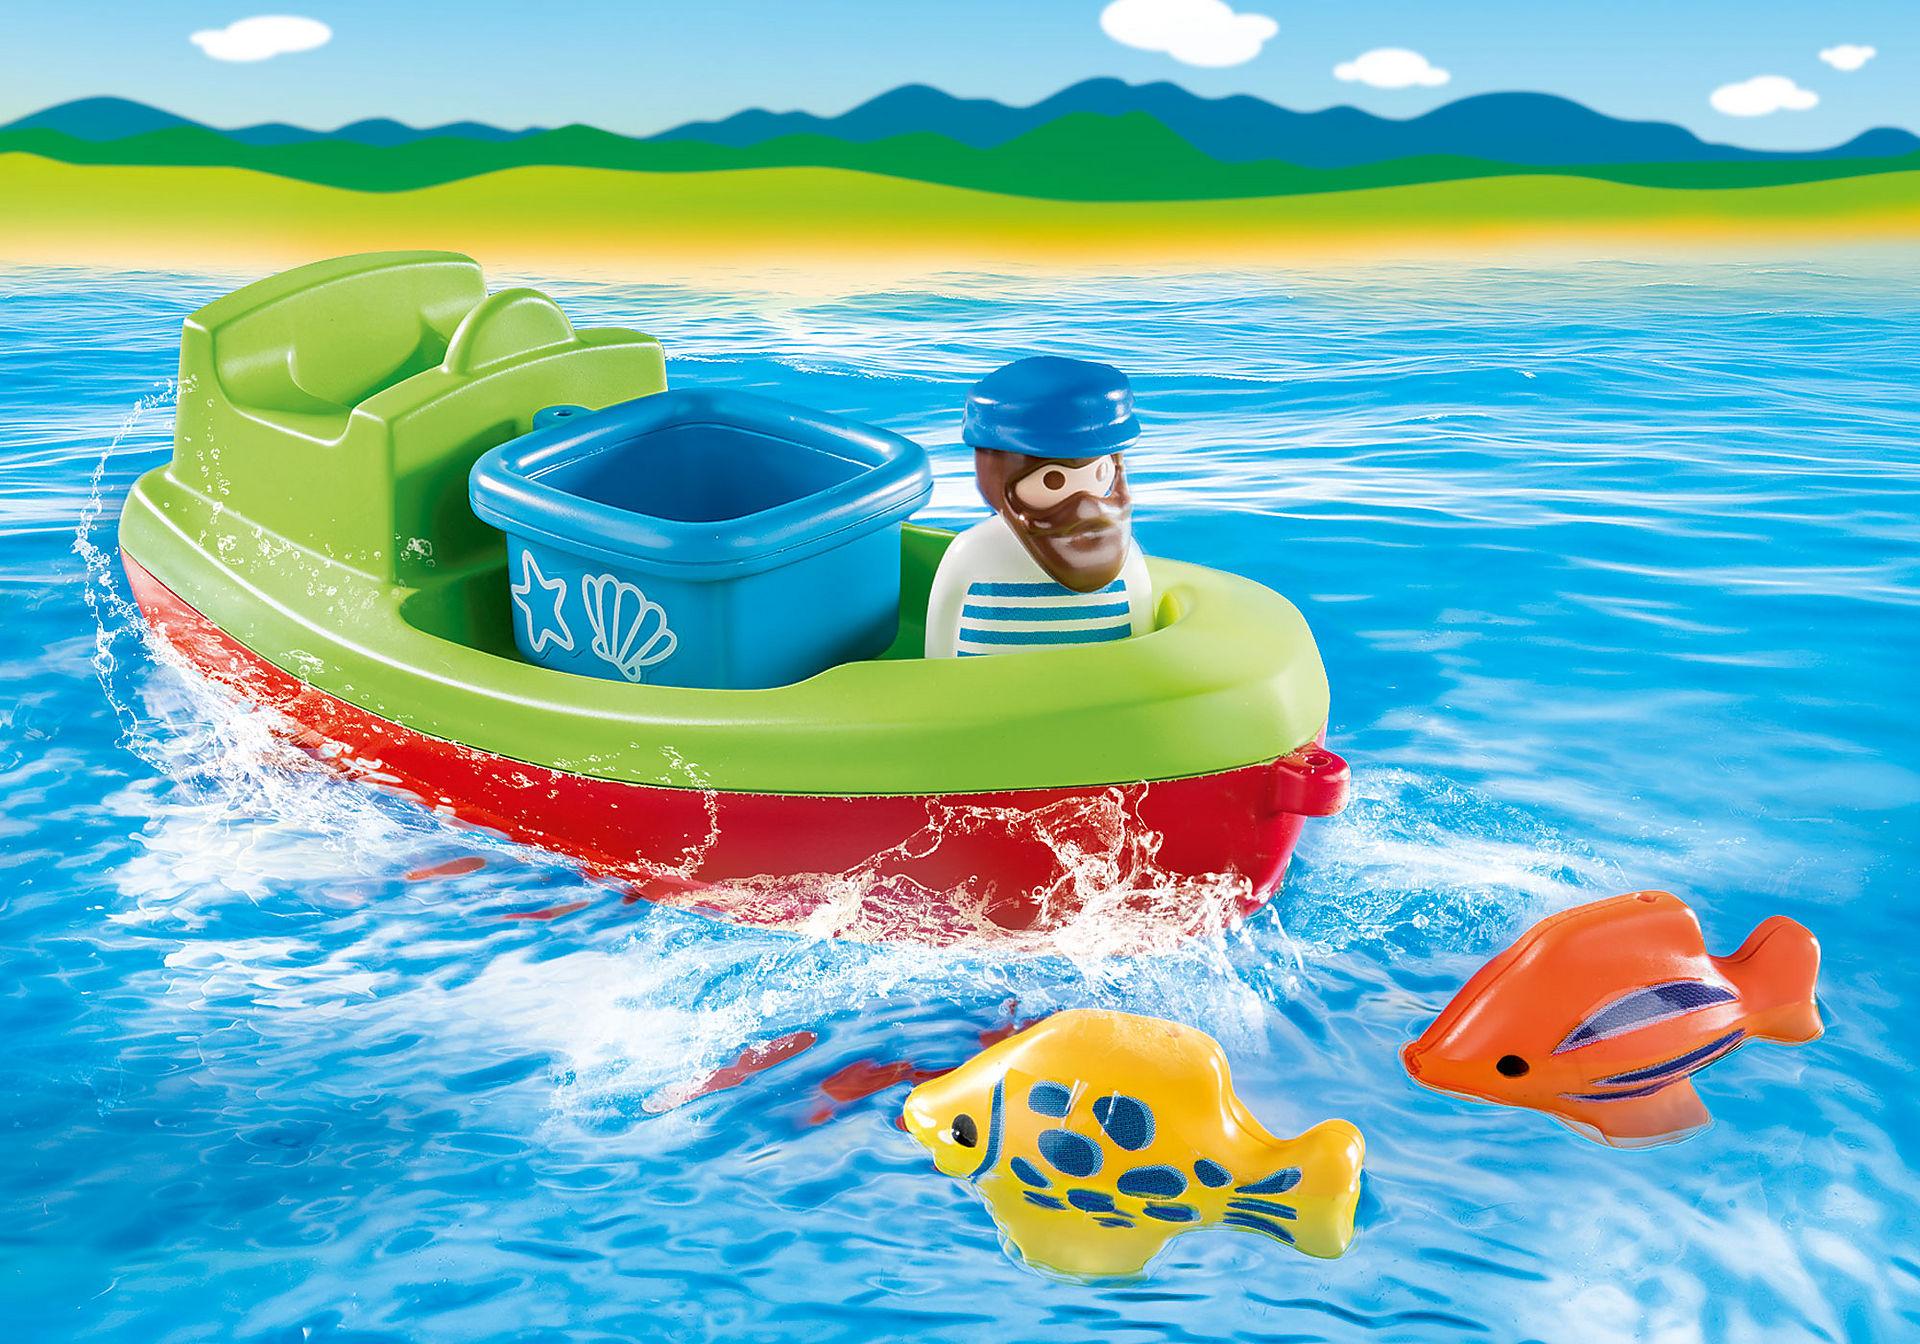 70183 Barca del pescatore 1.2.3 zoom image5